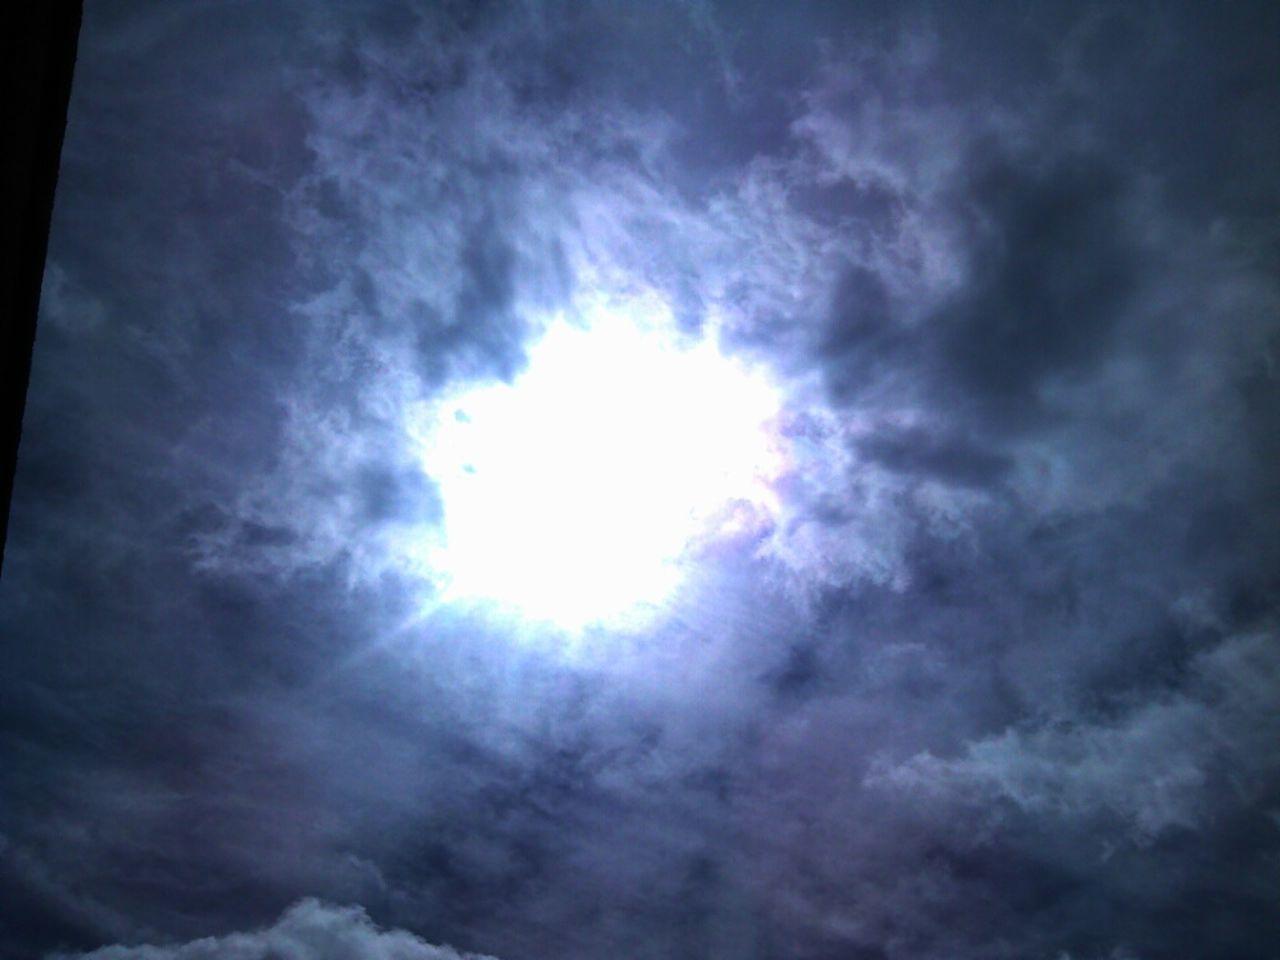 Whatthefuckaretheyspraying Hello World EyeEm Best Shots Moody Sky Strange Skies Sunrise_sunsets_aroundworld Chemtrails😷 Taking Photos Check This Out Chemtrail In Oklahoma Eyeem Market Strange Skies Chemtrail Blanket Chemtrails😷